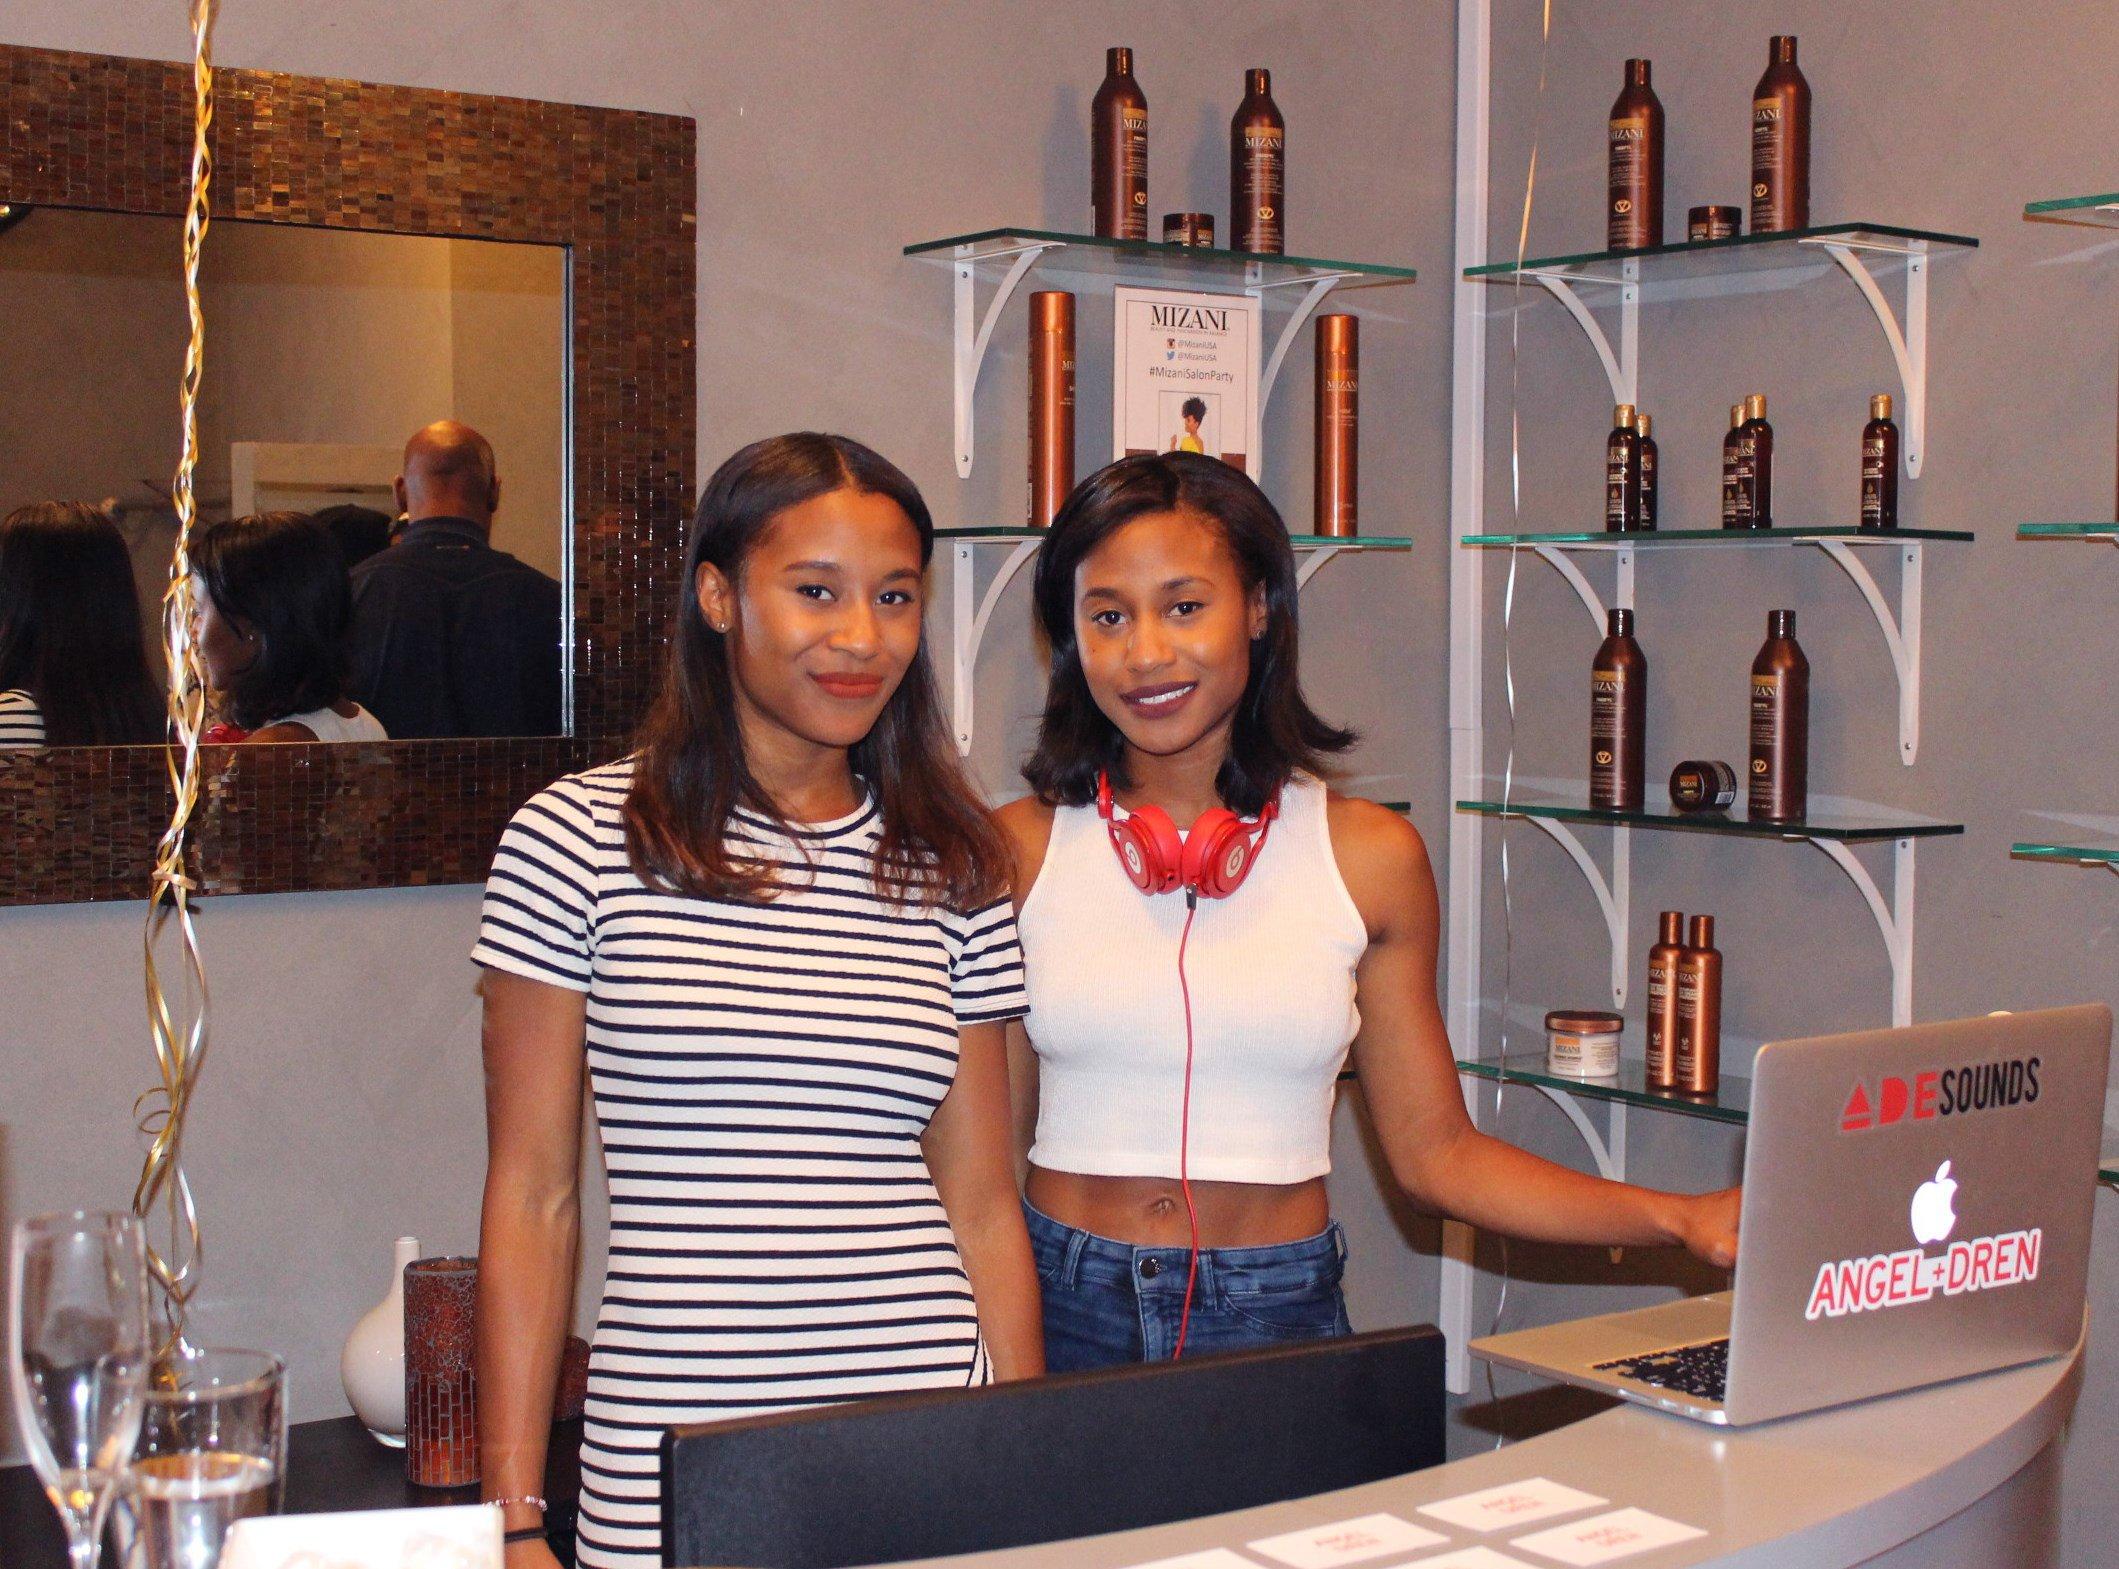 Noël New York Salon & Boutique Launch Party DJ Angel and Dren